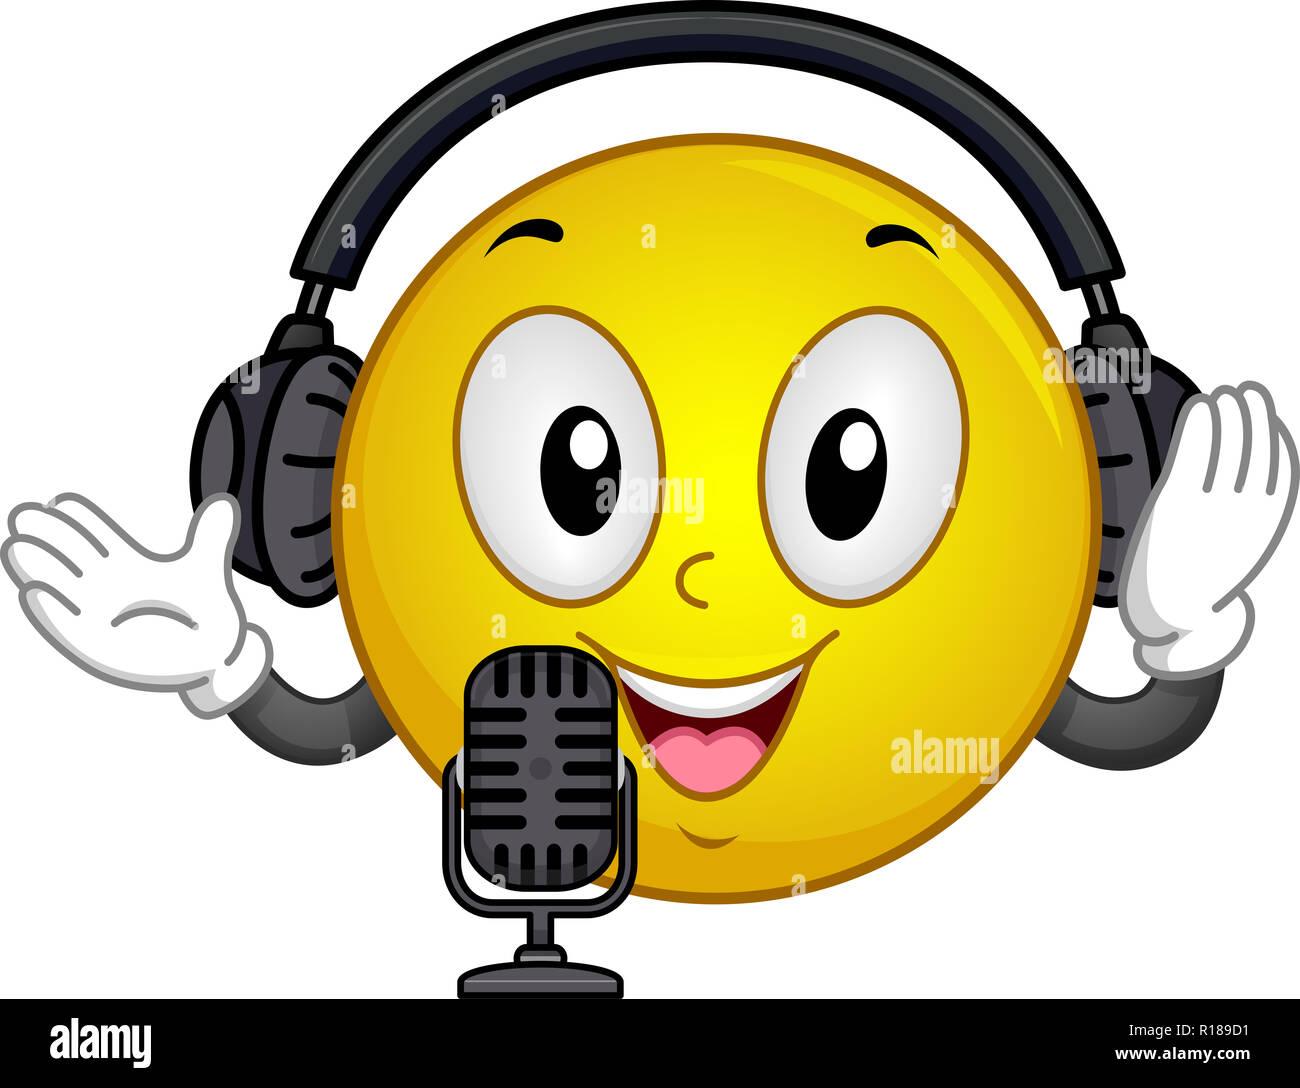 Ilustración de una mascota Smiley vistiendo un auricular y micrófono para  Podcasting Imagen De Stock 101cba9bc1d